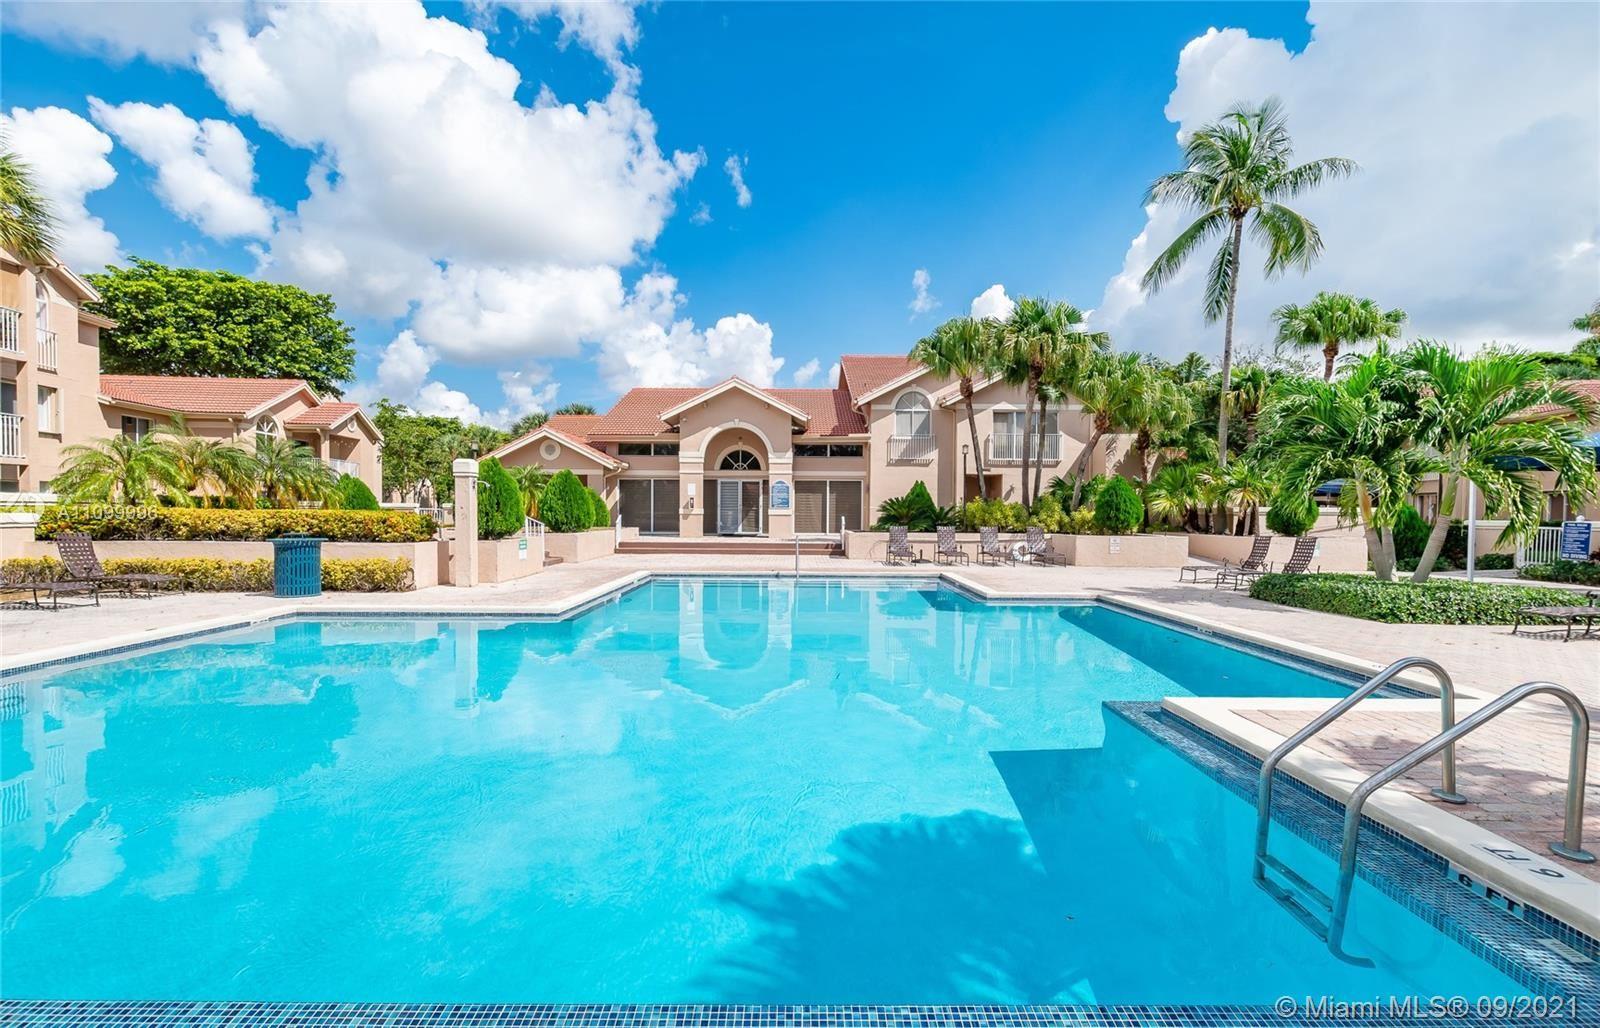 10421 SW 157th Pl #108, Miami, FL 33196 - #: A11099996